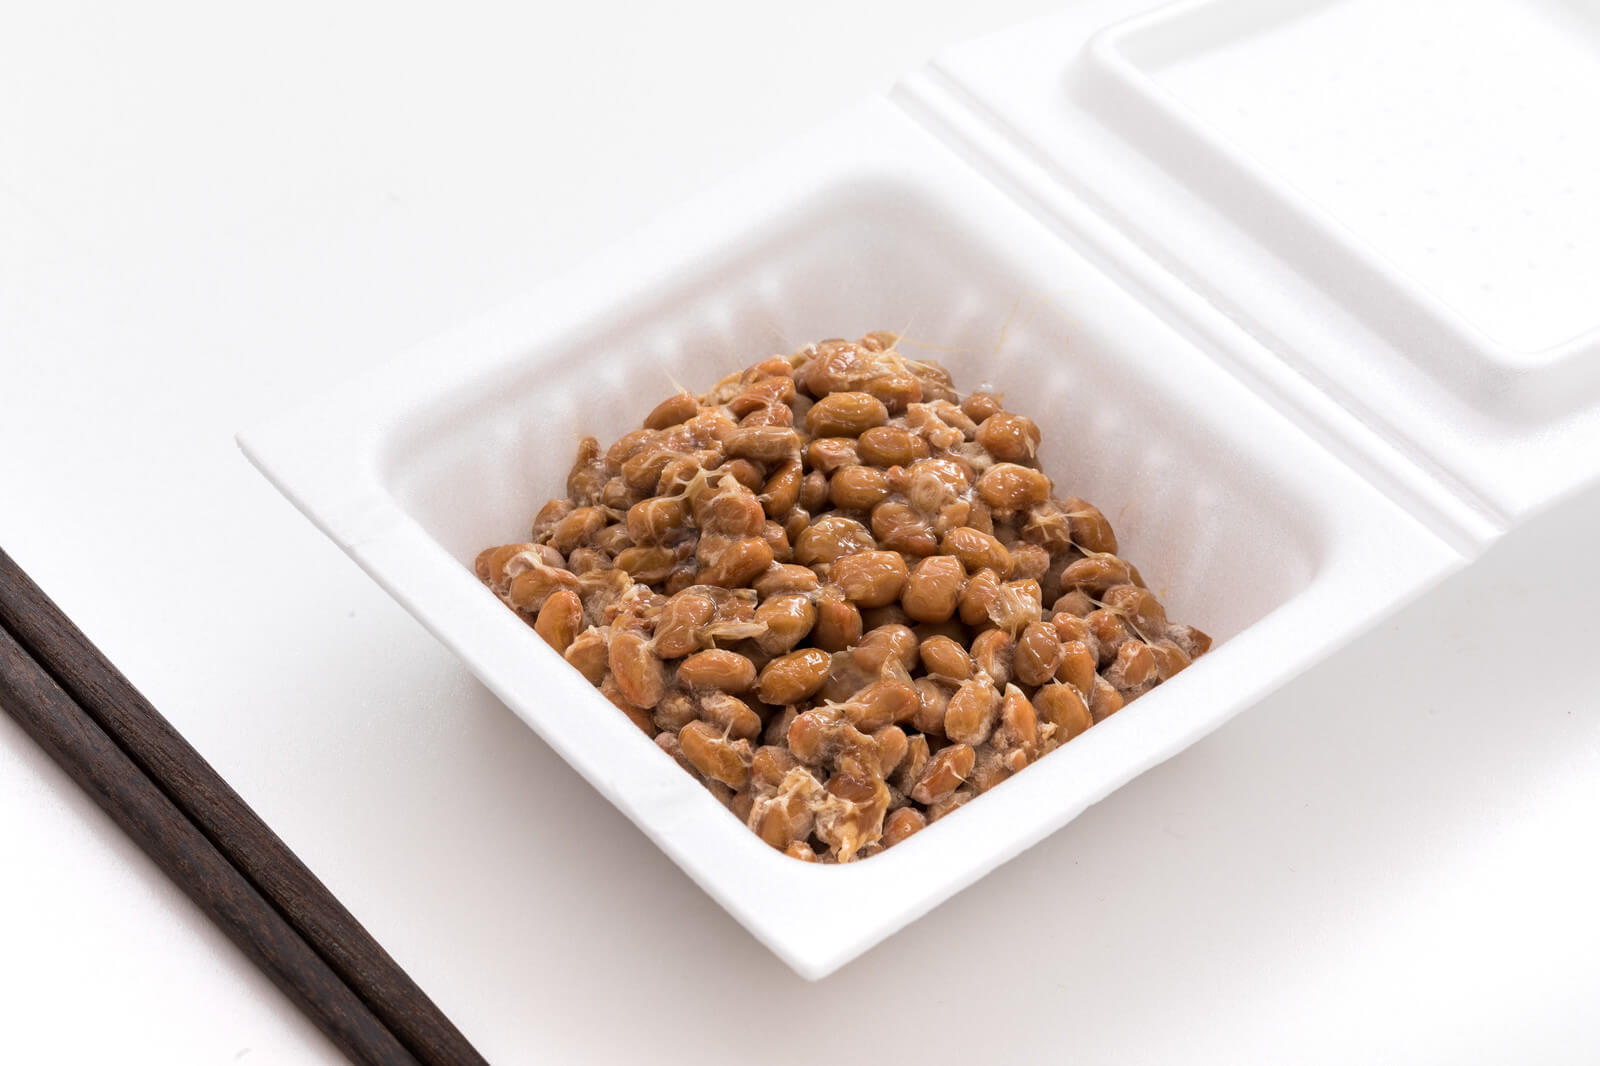 納豆のイメージ画像